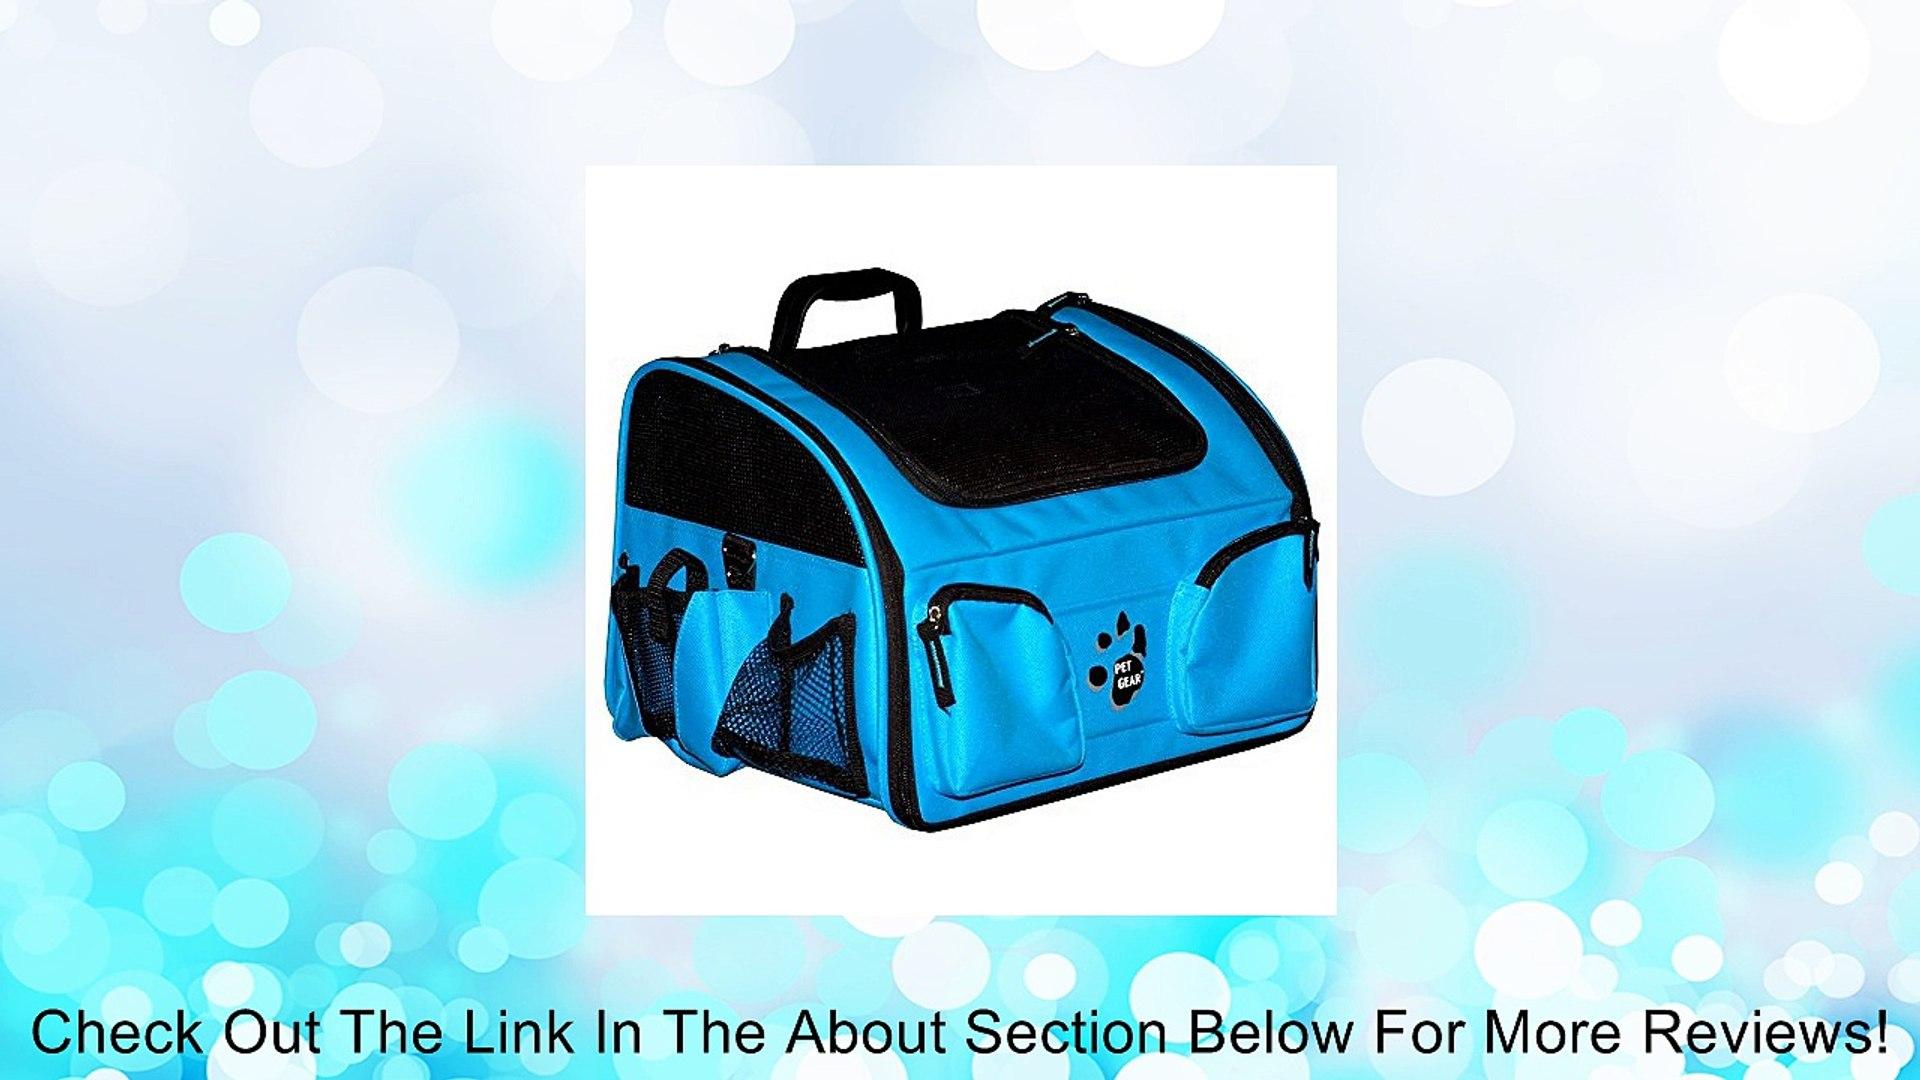 Pet Gear Pet Gear Pet Bike Basket 3-in-1, Ocean Blue, Fabric Bike Baskets, Small Review